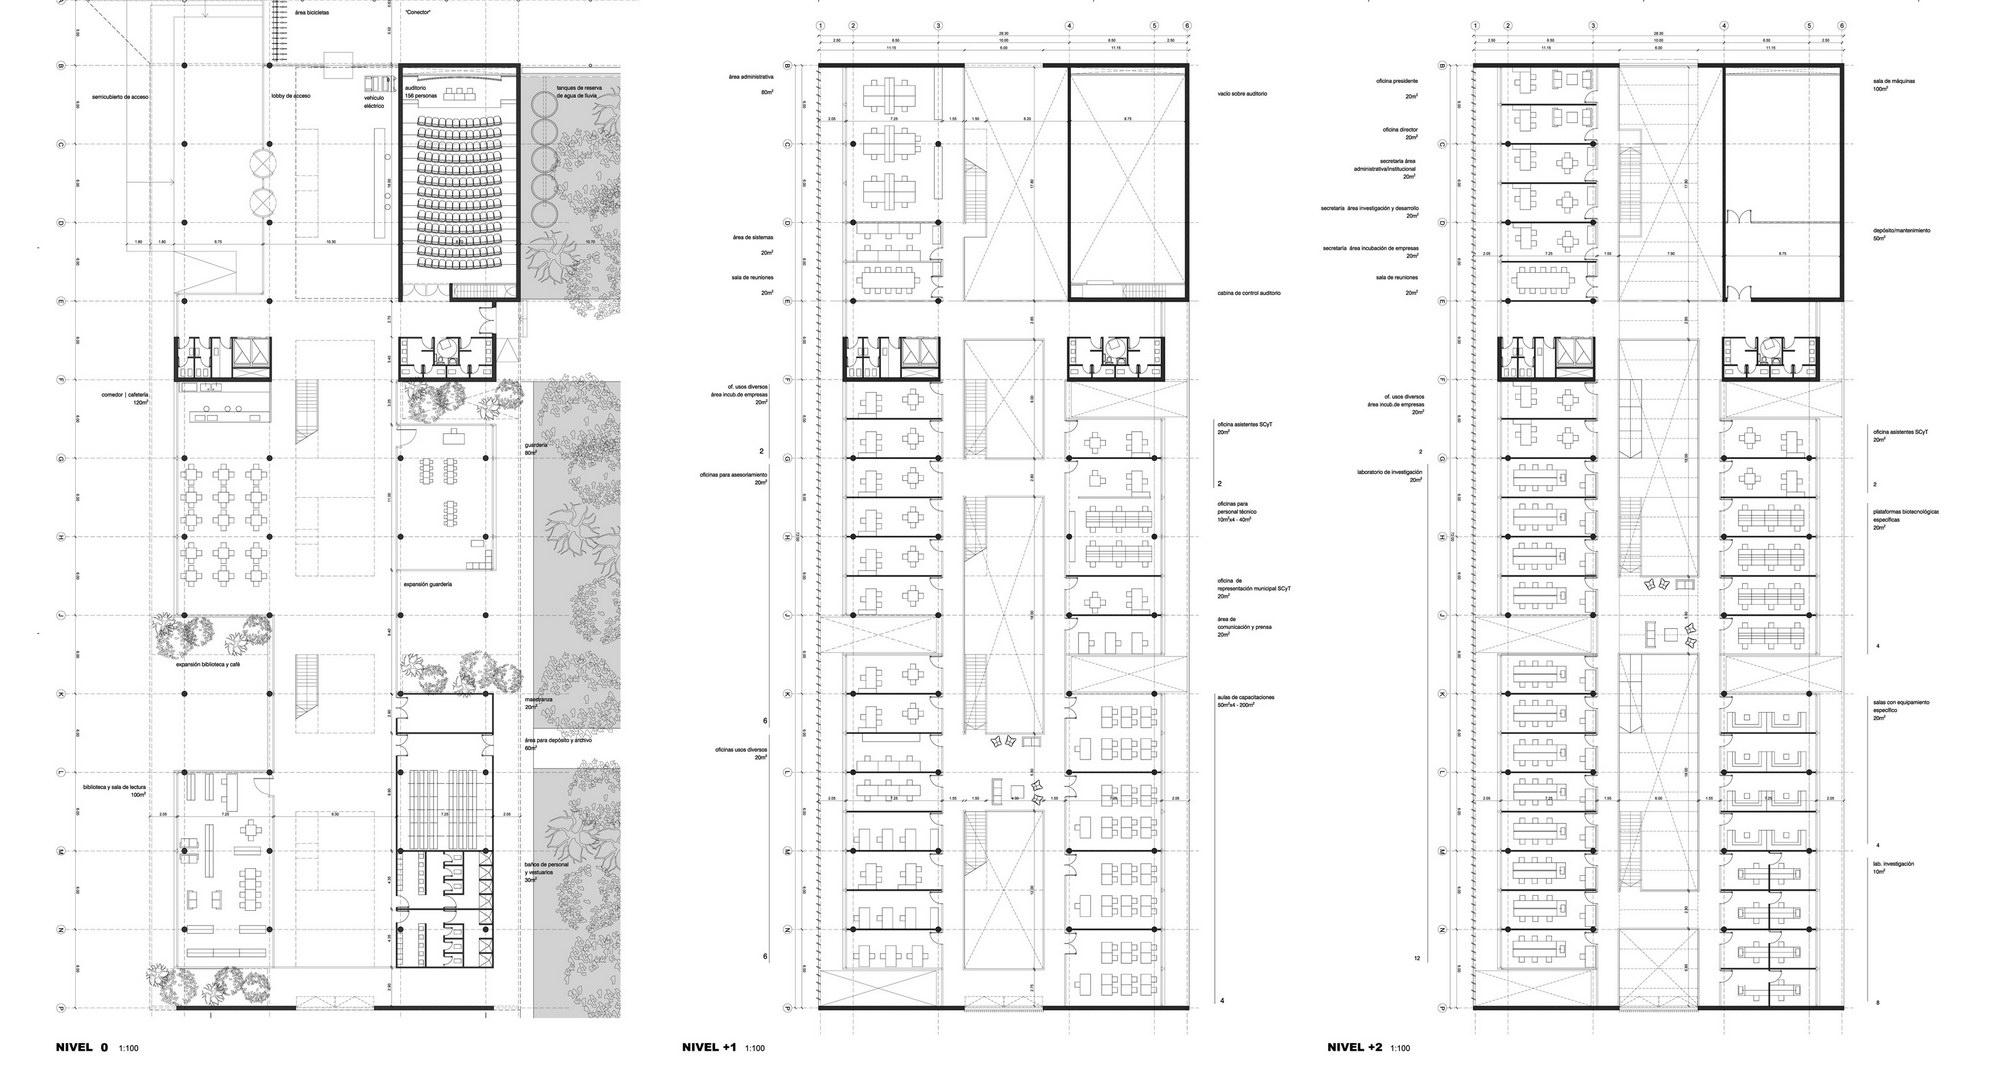 PTLM - 03 edificio cabecera 3 niveles